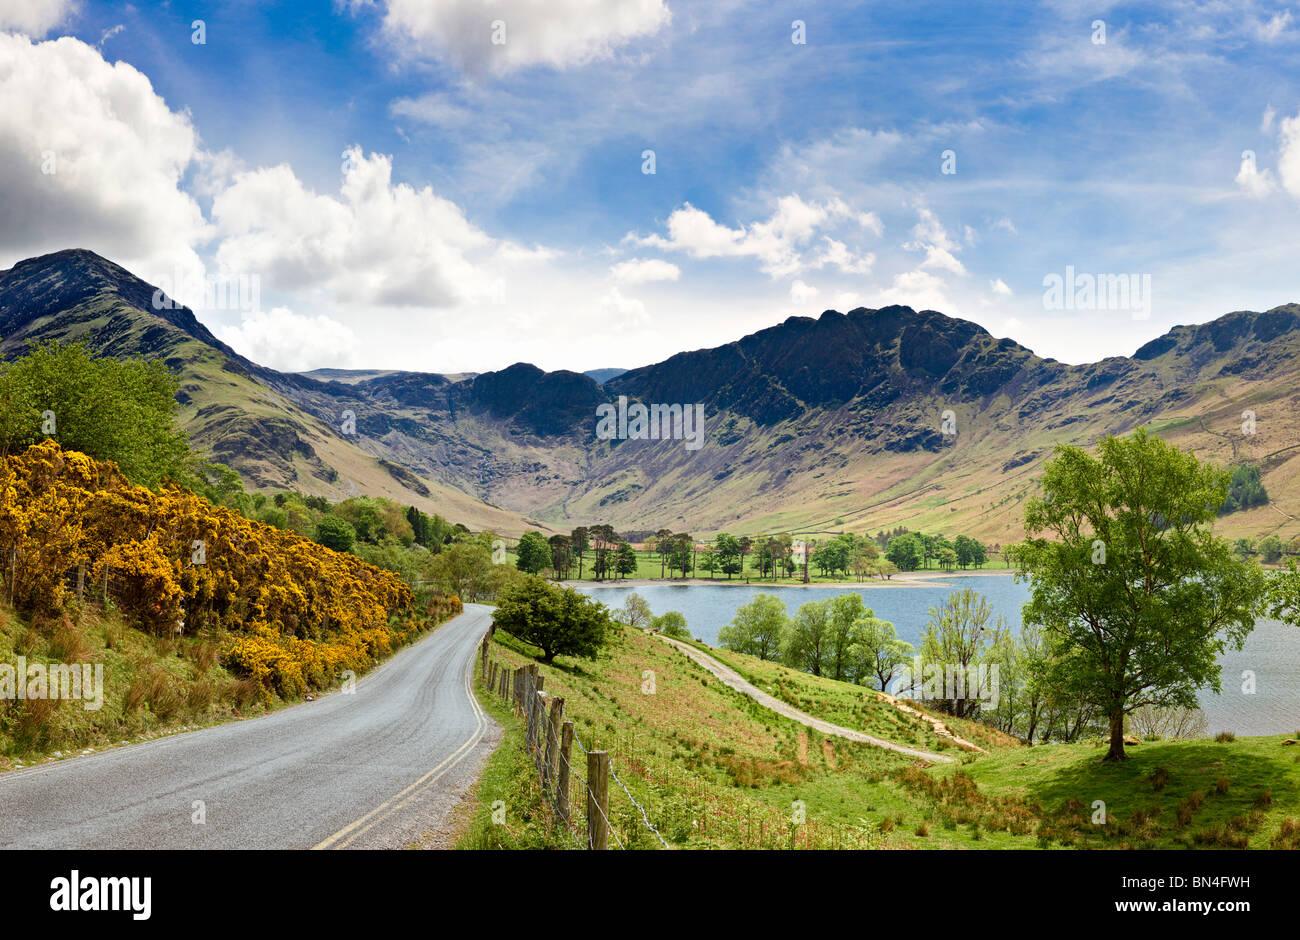 Blick auf Buttermere mit Fleetwith Hecht, graue Knotts und Heuhaufen, Lake District, Großbritannien Stockbild